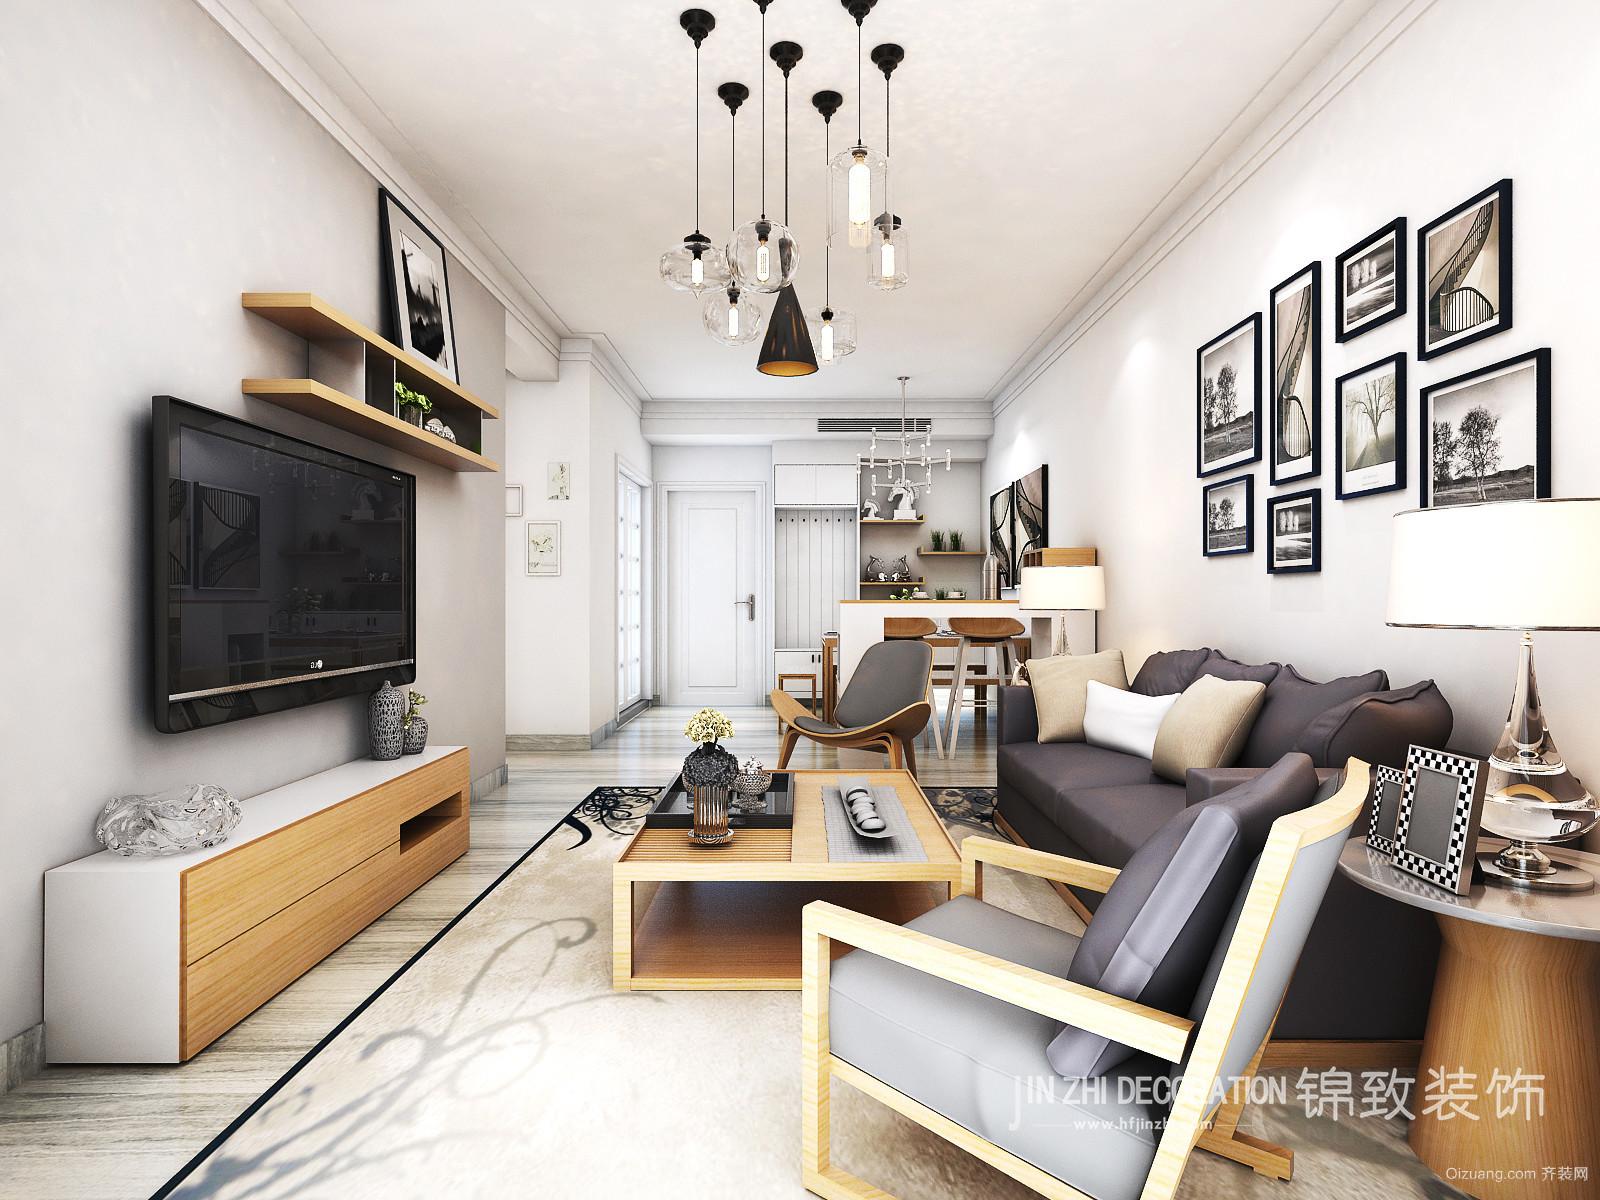 城建琥珀瑞安家园欧式风格装修效果图实景图